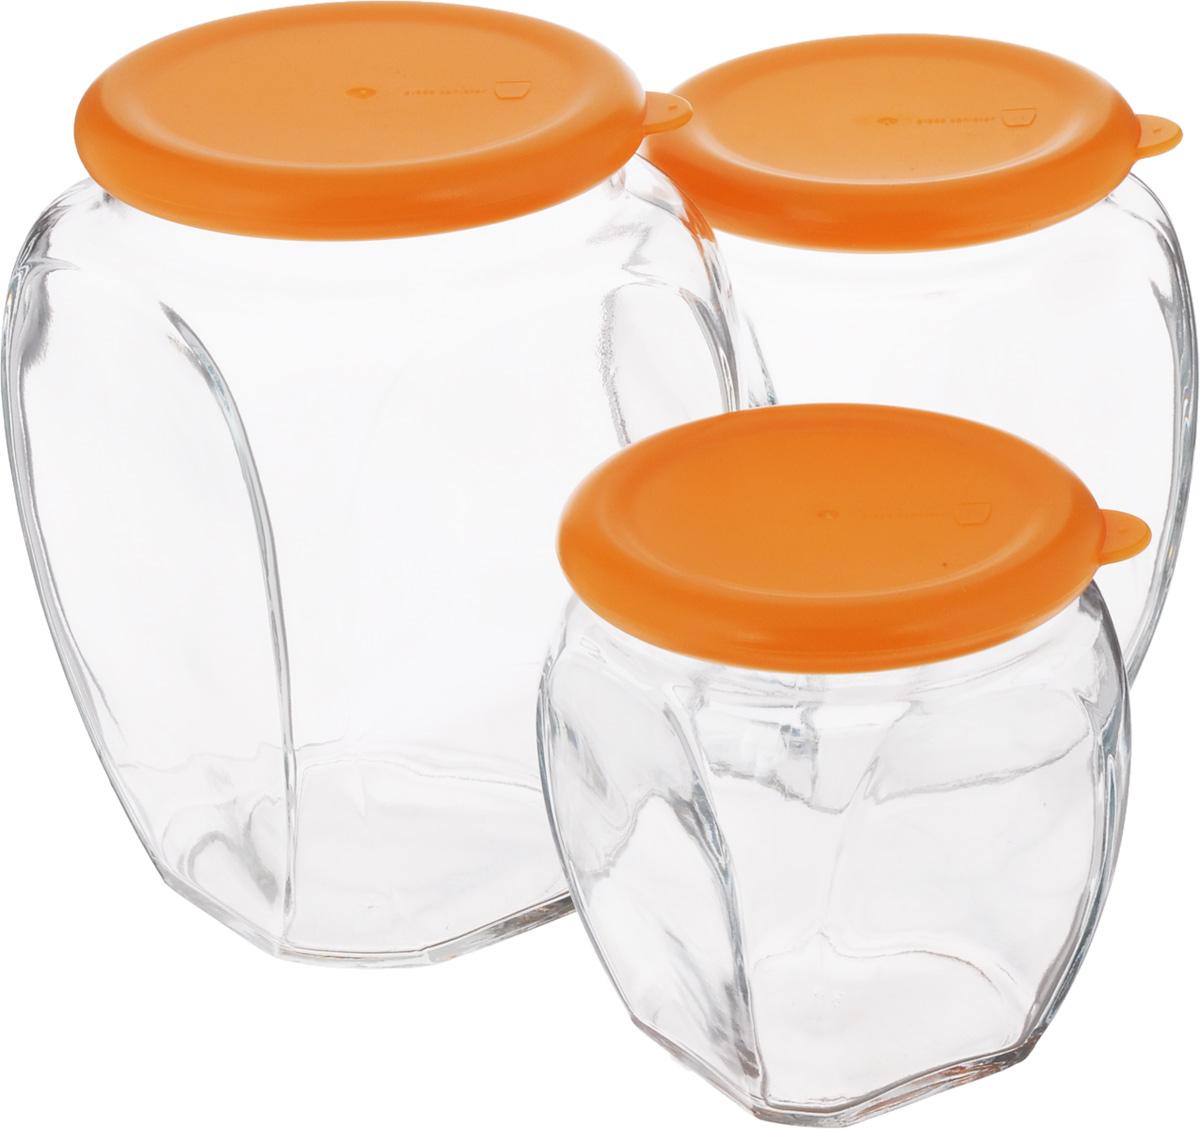 Набор контейнеров для сыпучих продуктов Glasslock, 3 шт. IG-674IG-674Набор Glasslock состоит из трех контейнеров длясыпучих продуктов. Изделия выполнены изэкологически чистого закаленного ударопрочногостекла и оснащены пластиковыми крышками.Контейнеры удобно ставятся друг на друга дляэкономии места на кухне.Изделия плотно и герметично закрываютсякрышками, что позволяет продуктам дольшеоставаться свежими, сохранять аромат и вкус.Благодаря прозрачным стенкам, можно видетьсодержимое. Размер подходит для хранения вдверце холодильника.Такие контейнеры идеально подходят для храненияразличных сыпучих продуктов: орехов, печенья,круп, хлопьев, варенья и т.д.Можно мыть в посудомоечной машине. Подходятдля хранения пищи в морозильнике ихолодильнике. Не использовать в микроволновойпечи и духовке. Комплектация: 3 шт.Объем контейнеров: 350 мл; 500 мл; 815 мл.Диаметр контейнеров (по верхнему краю): 7,5 см; 7,5 см; 8,5 см.Высота контейнеров (с учетом крышки): 9,5 см; 12 см; 14,5 см.